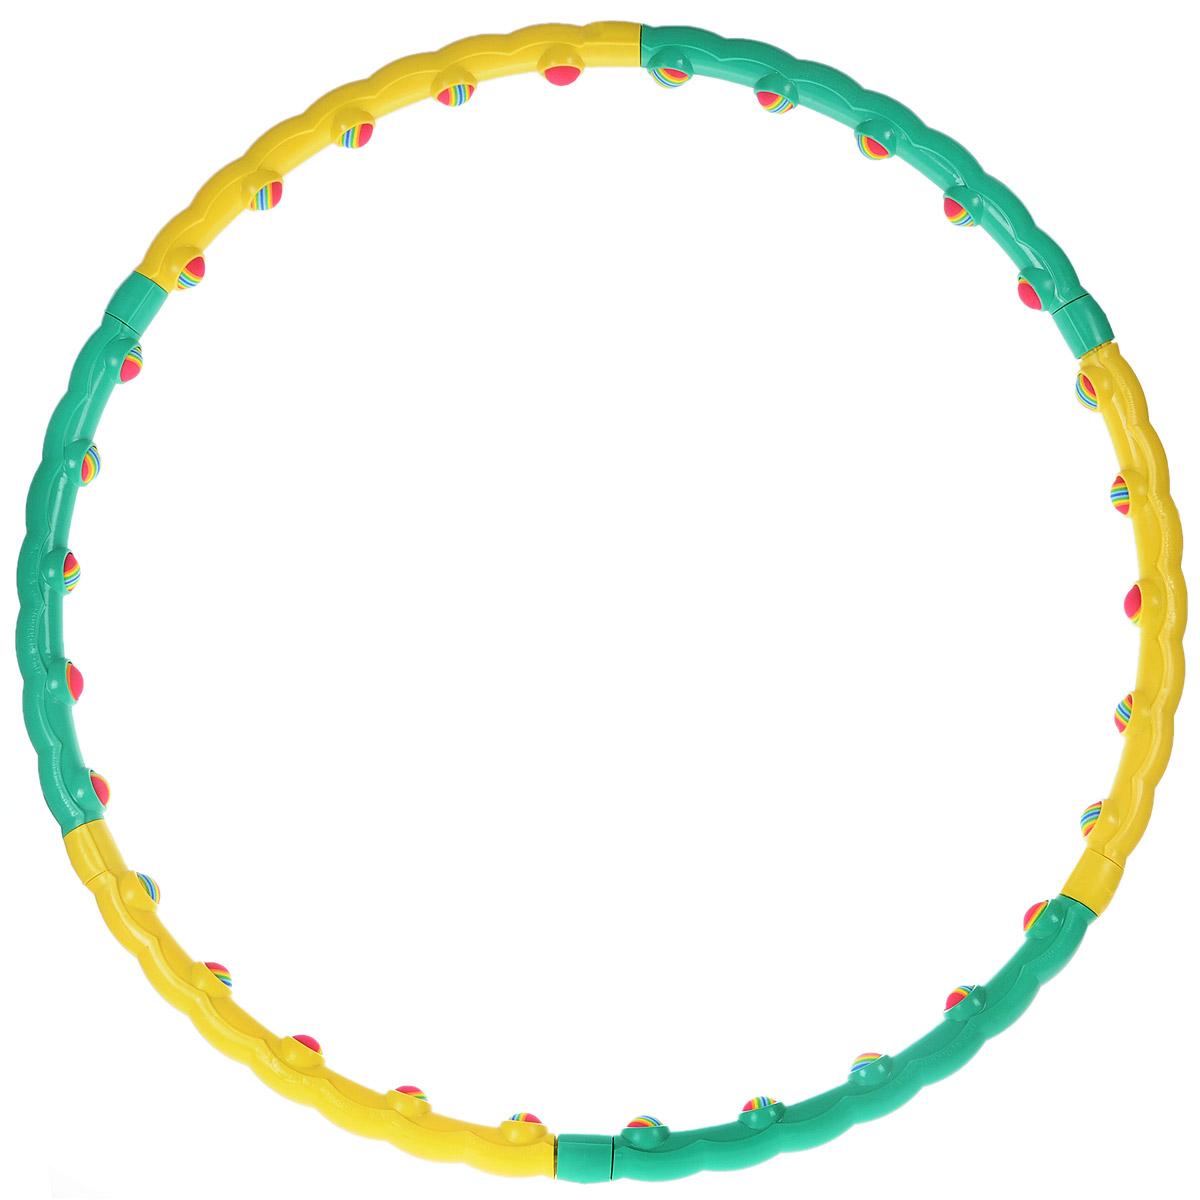 Обруч массажный Хула-хуп с неопреновыми шариками, разборныйSF 0085Массажный обруч Хула-хуп изготовлен из пластика. Он имеет 30 мягких неопреновых шариков, которые оказывают массажный эффект. Форма обруча стимулирует акупунктурные точки поясницы и обеспечивает массирующий эффект, помогает избавиться от излишнего веса. Обруч помогает сохранить тело подтянутым и стимулирует работу кишечника. Характеристики: Материал:пластик. Диаметр (внутренний):90 см. Размер упаковки:53 см х 23,5 х 10 см. Производитель:Тайвань. Артикул:HH-01.